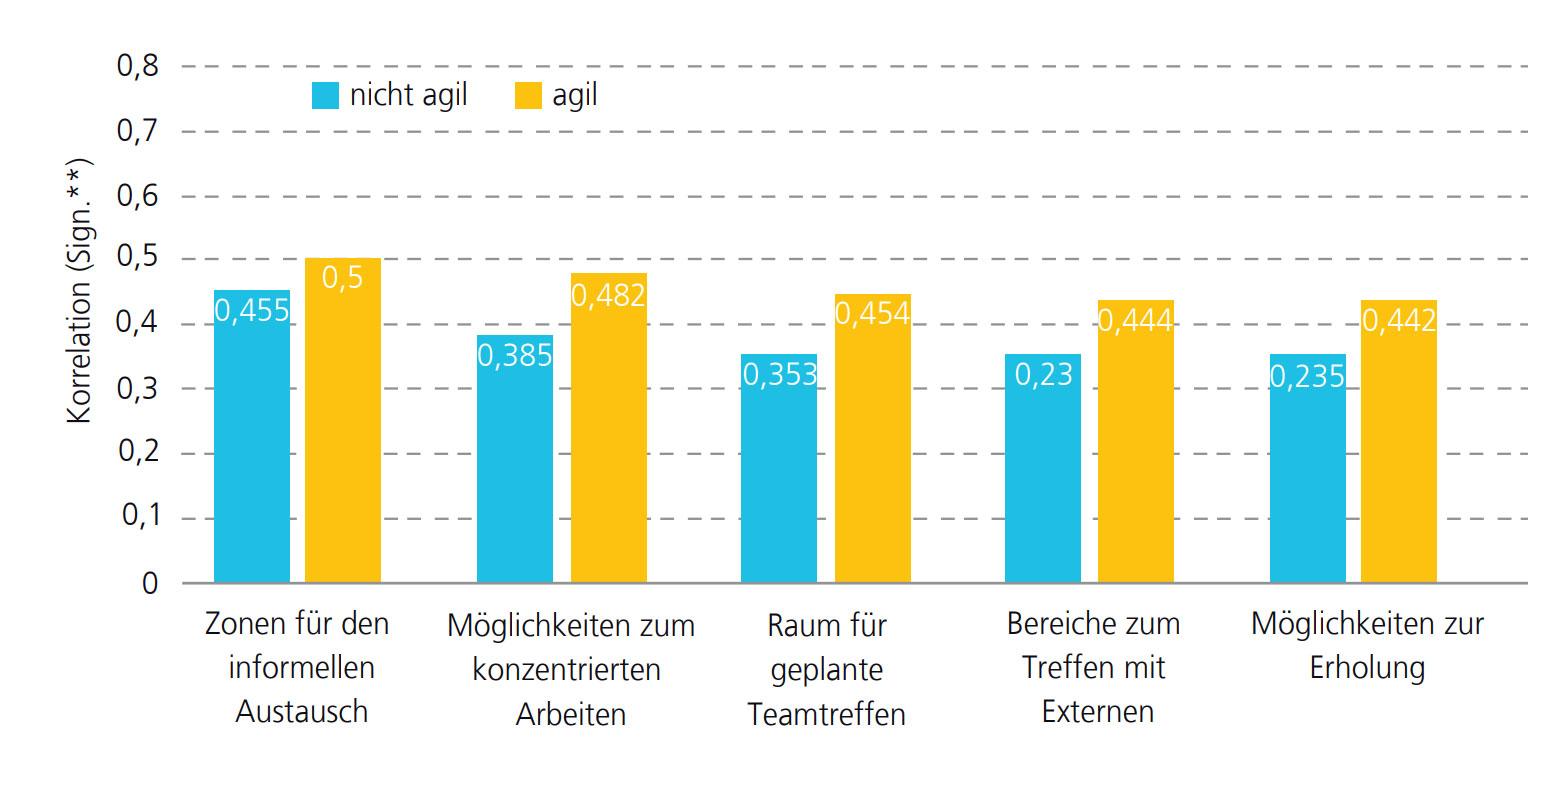 Abbildung 1: Zusammenhang zwischen der Vielfältigkeit und Qualität der Teamarbeit